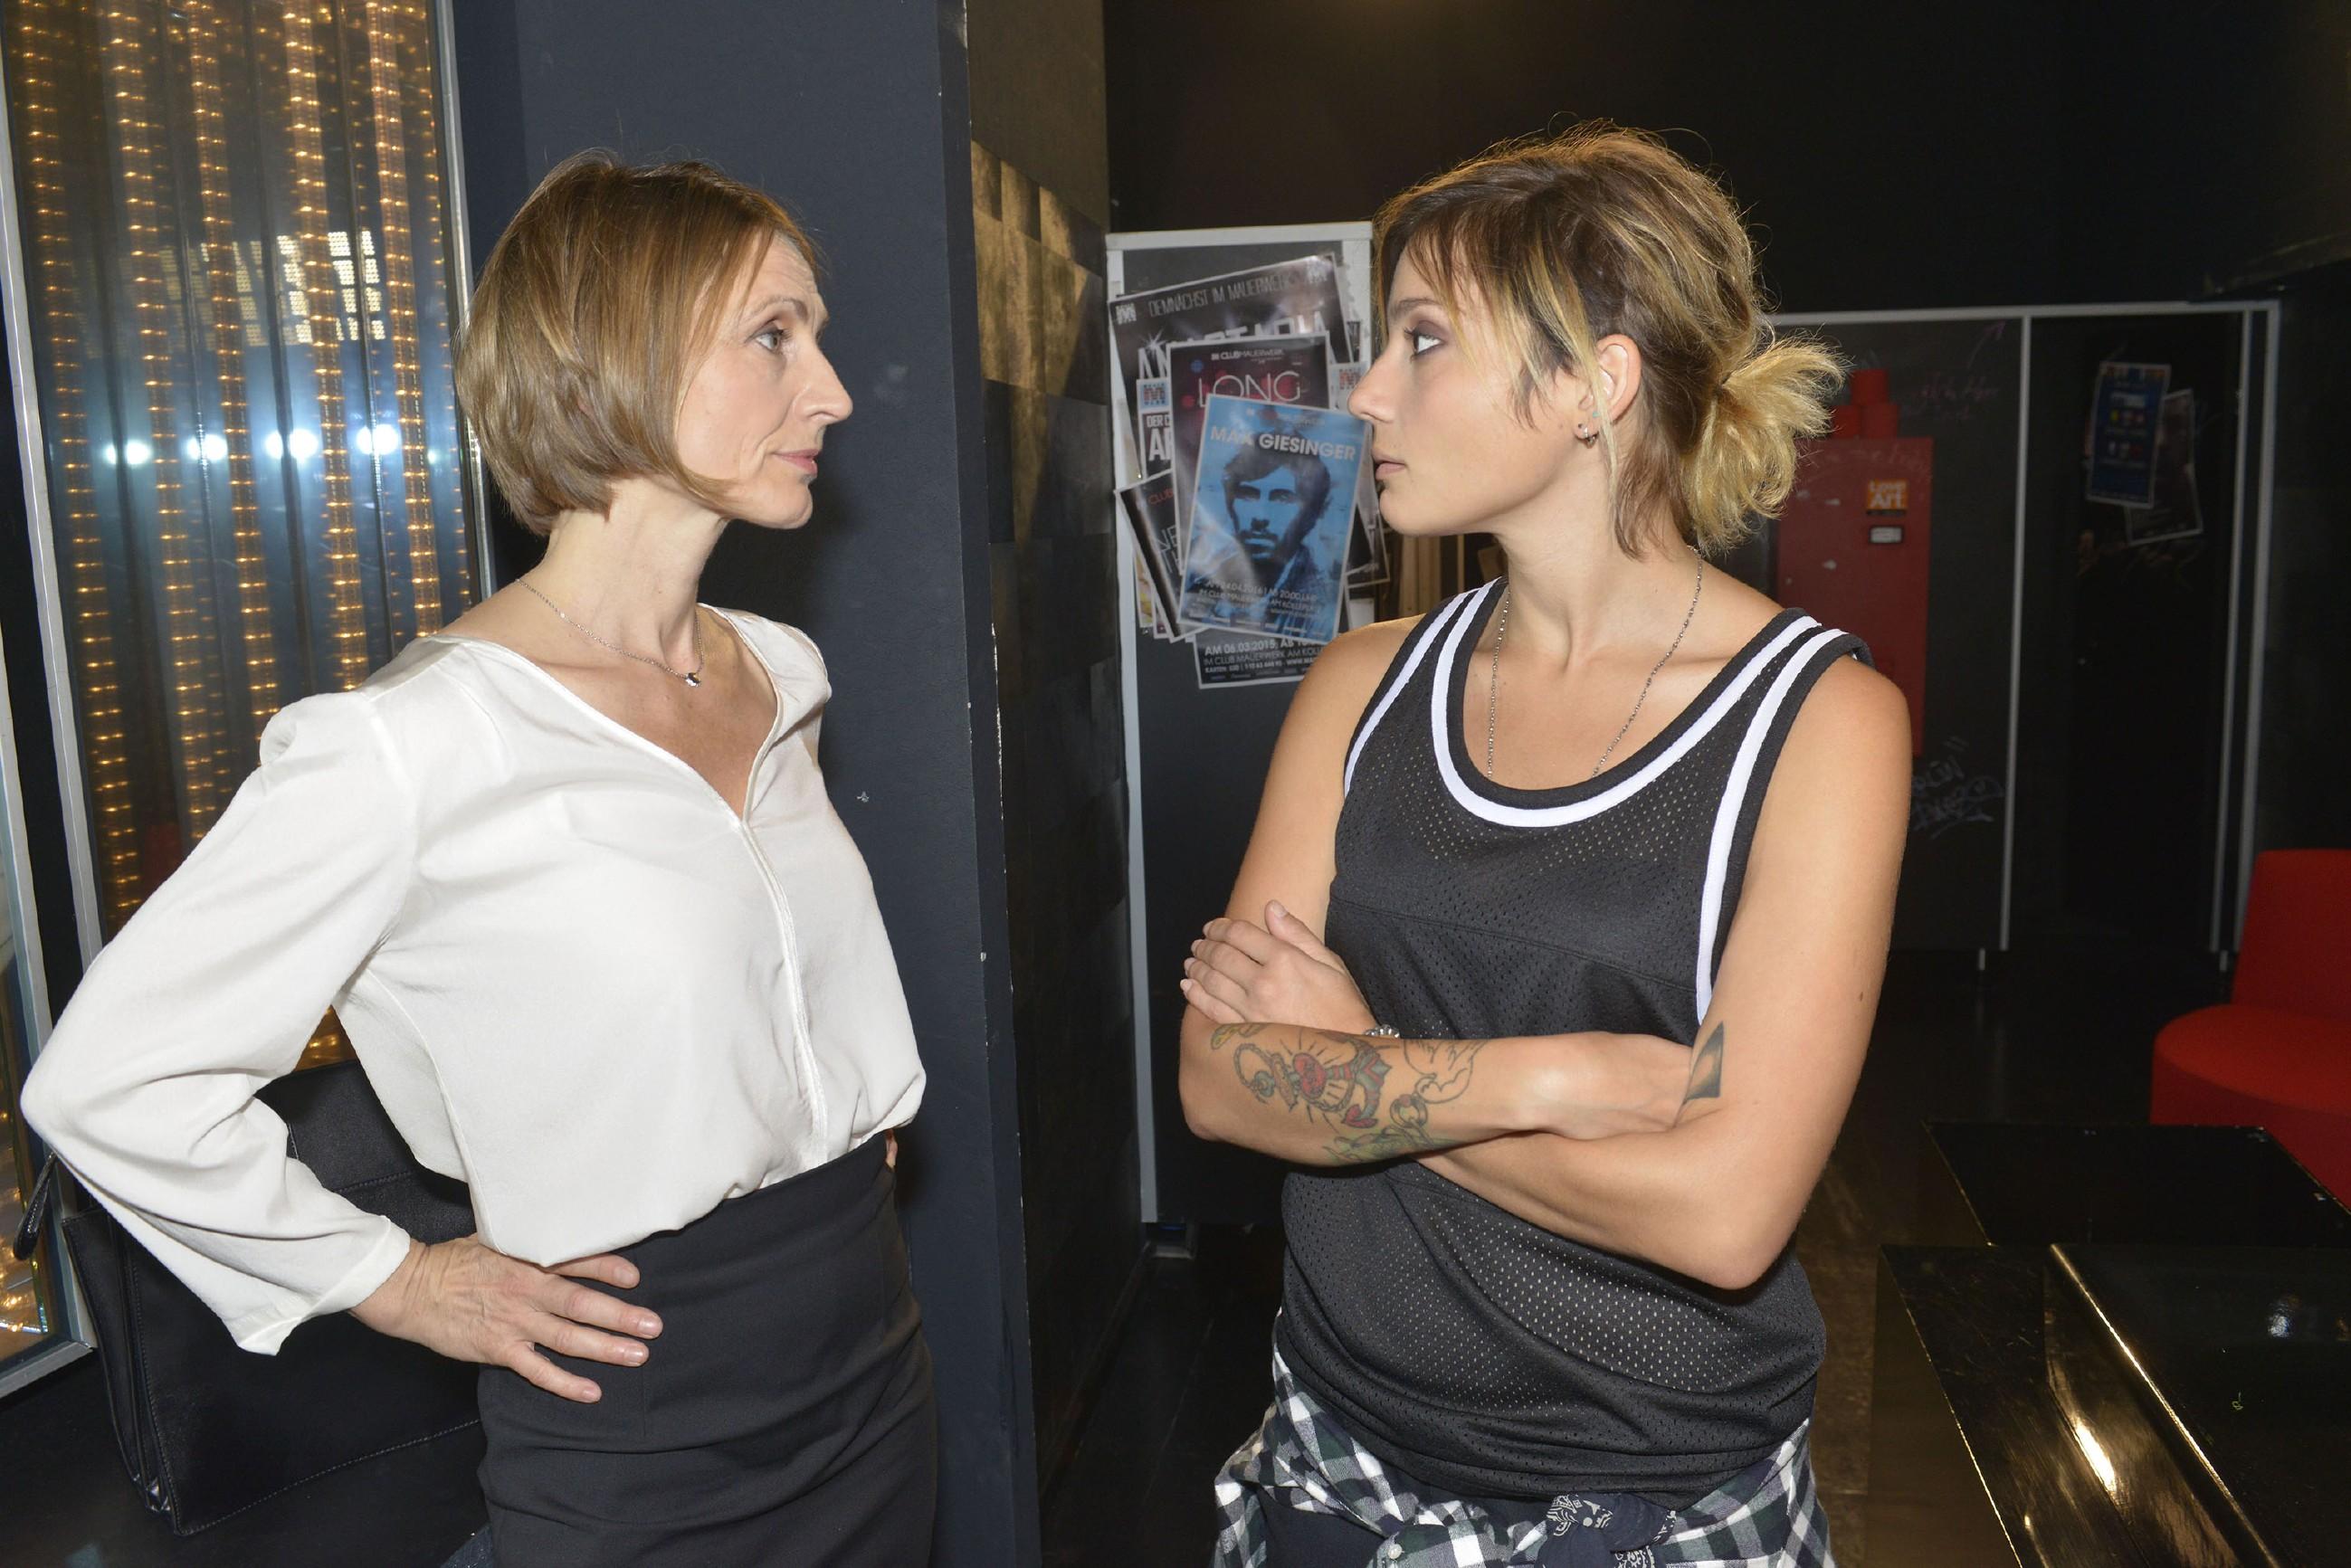 Anni (Linda Marlen Runge, r.) signalisiert Rosa (Joana Schümer) weiterhin stolz, dass die ihre Chance hatte und sie nicht auf Sex mit ihr angewiesen ist - doch irgendwie ist Anni, seit Rosa sie versetzt hat, aus dem Tritt geraten... (Quelle: RTL / Rolf Baumgartner)